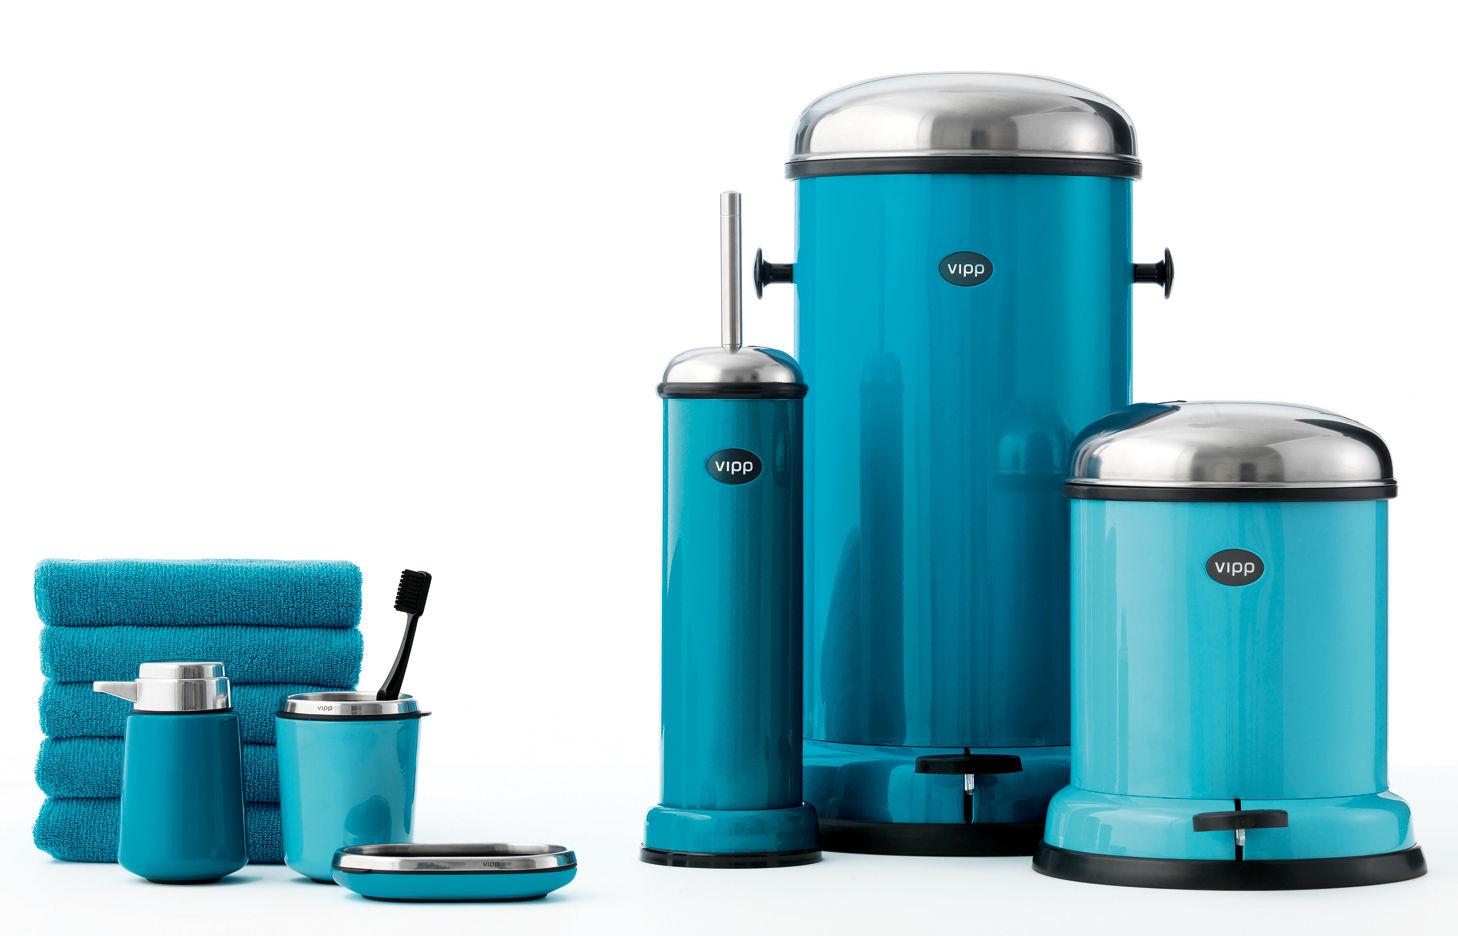 Poubelle Vipp poubelle vipp24 / 30 litres noir - vipp | made in design